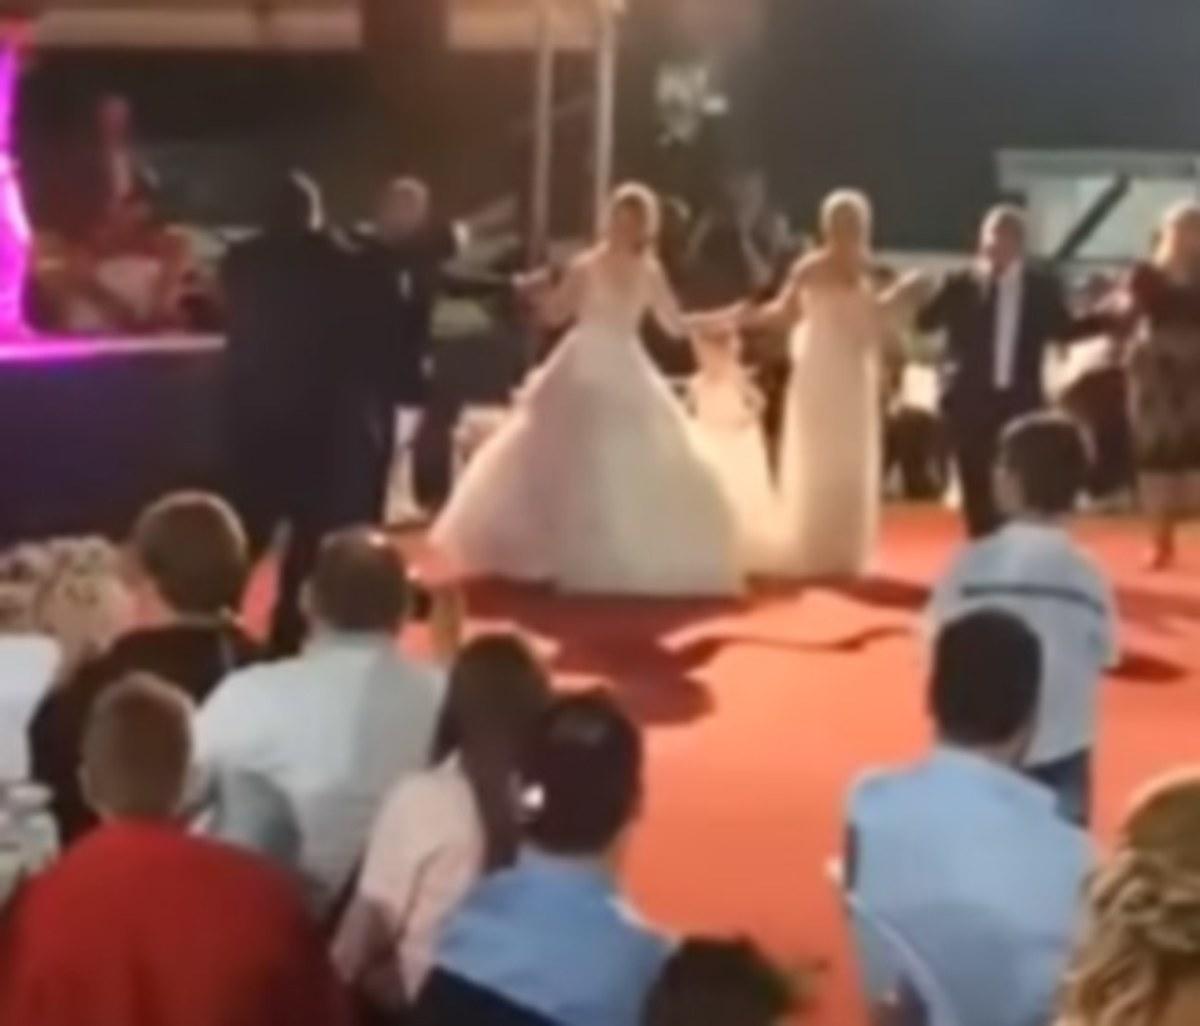 Τρίκαλα: Ο χορός γαμπρού και νύφης μπροστά σε 3.000 καλεσμένους – Το αδιαχώρητο στη δεξίωση [vids] | Newsit.gr